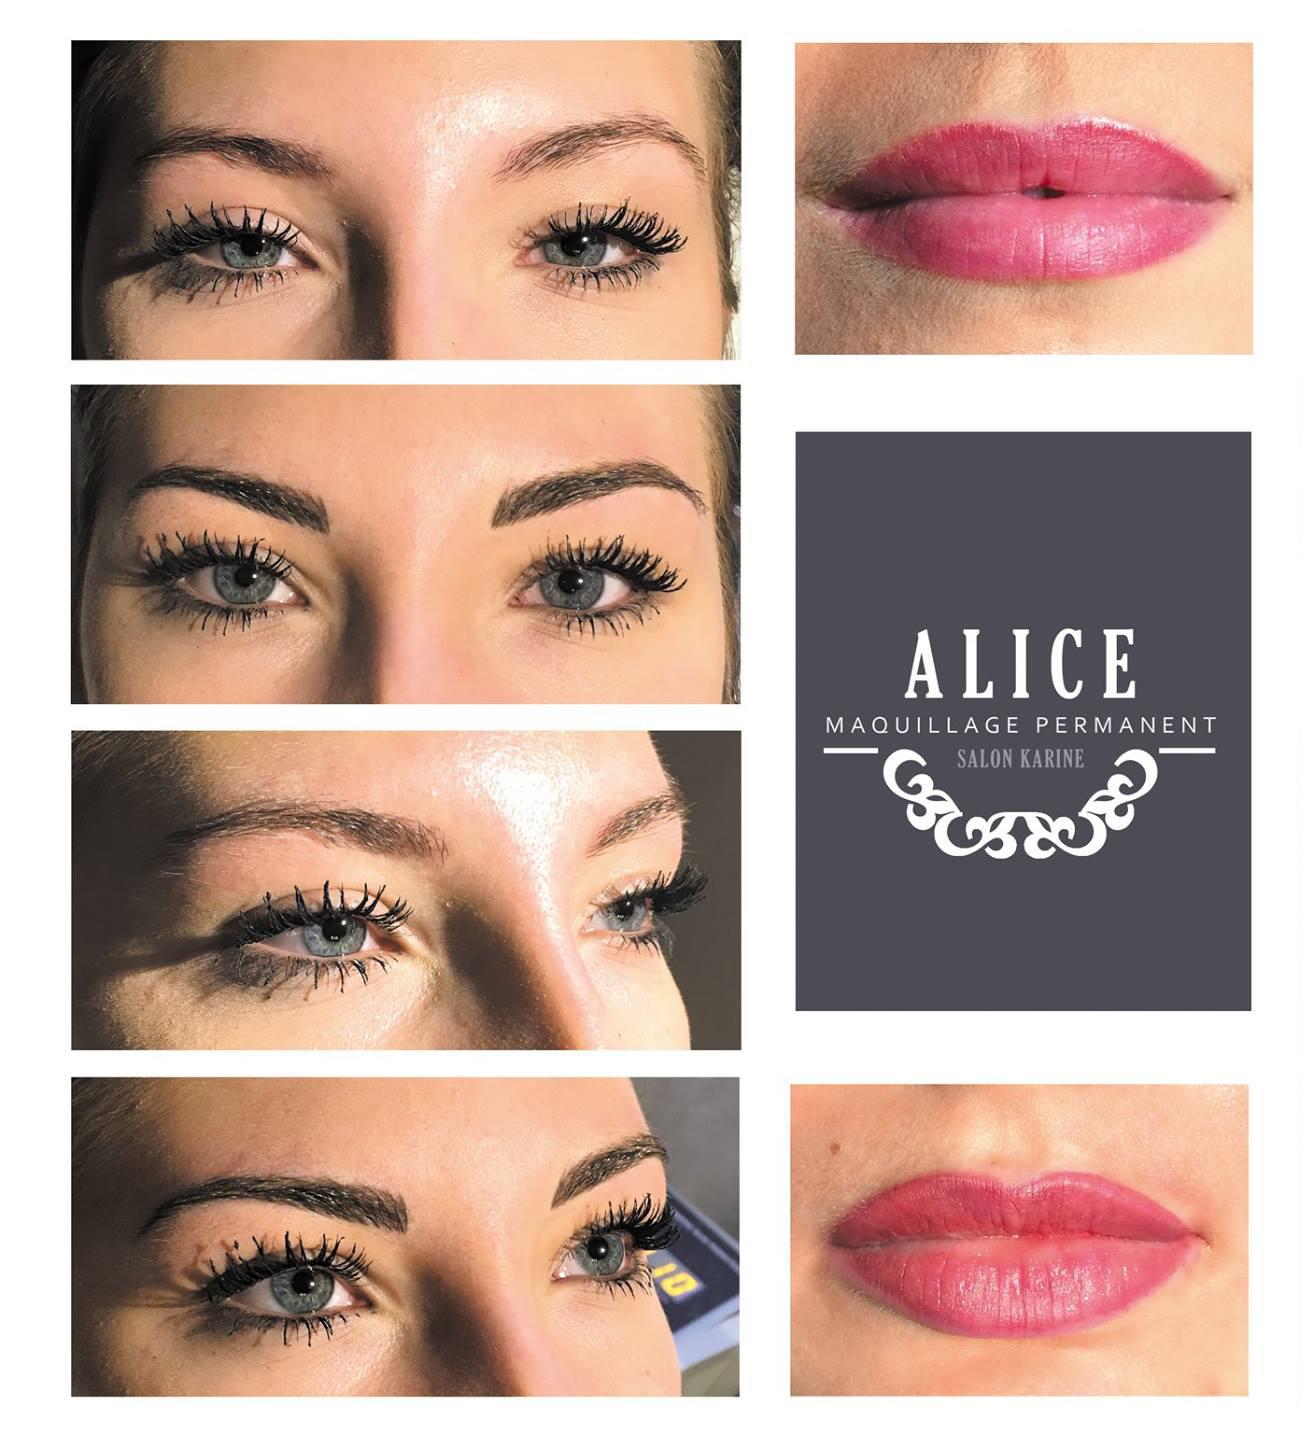 Maquillage Permanent à Aix En Provence Salon Karine